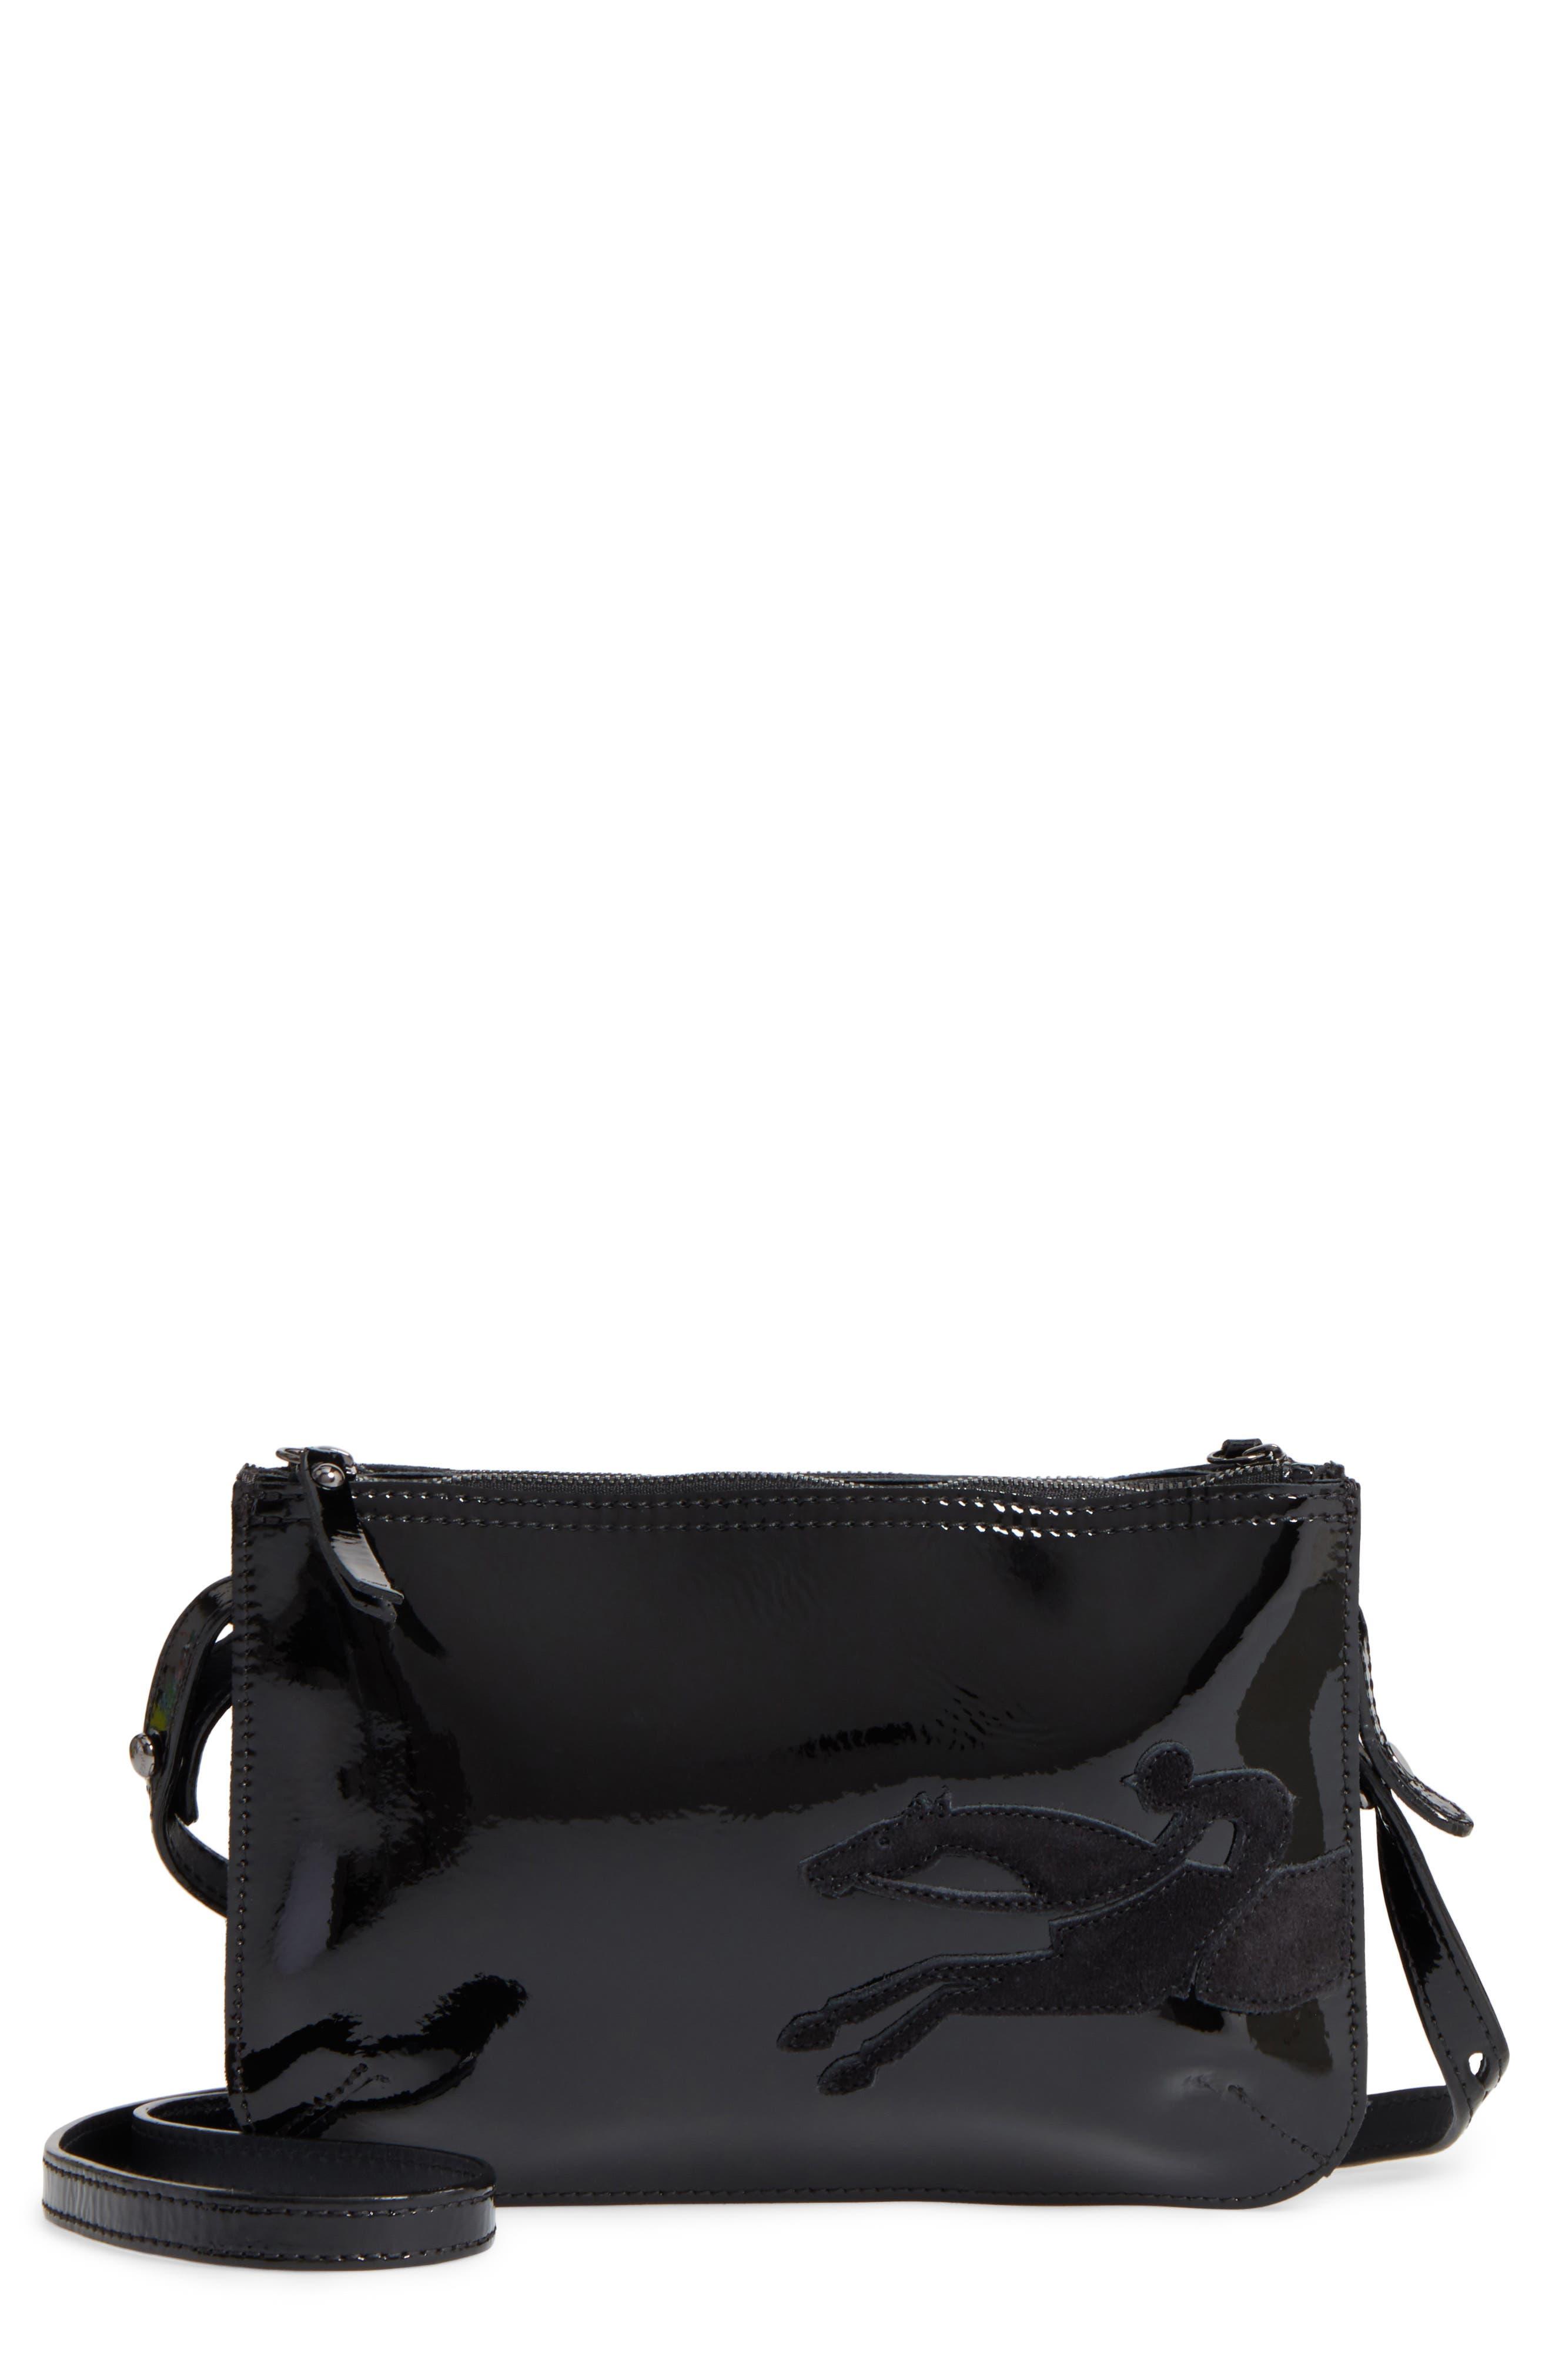 Shop It Crossbody Bag,                         Main,                         color, 001